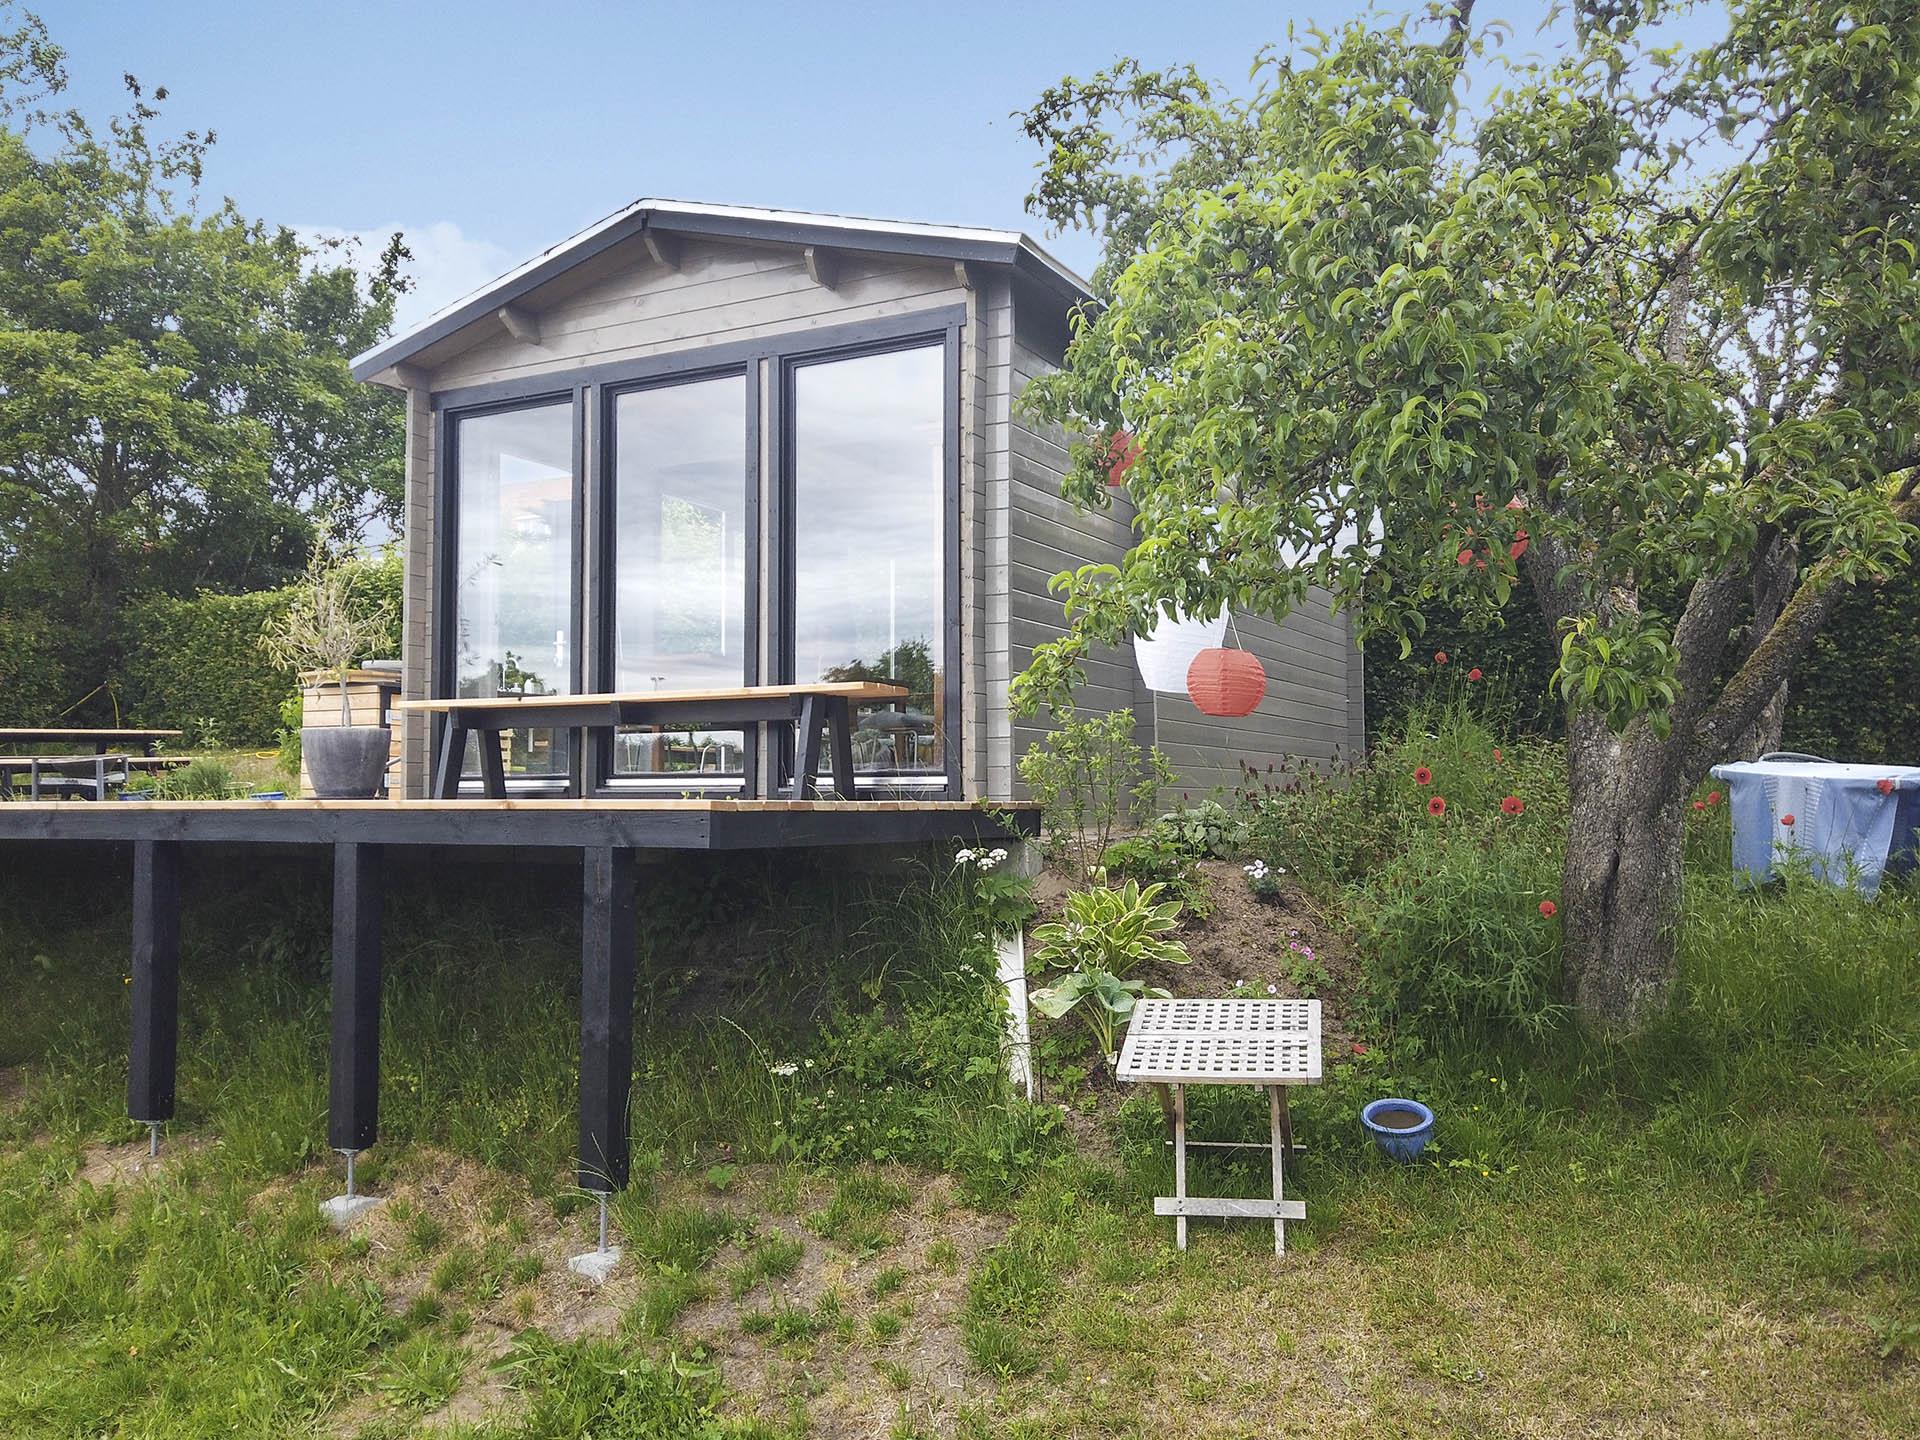 Kolonihavehus med glasfront fra www.sølundhuse.dk